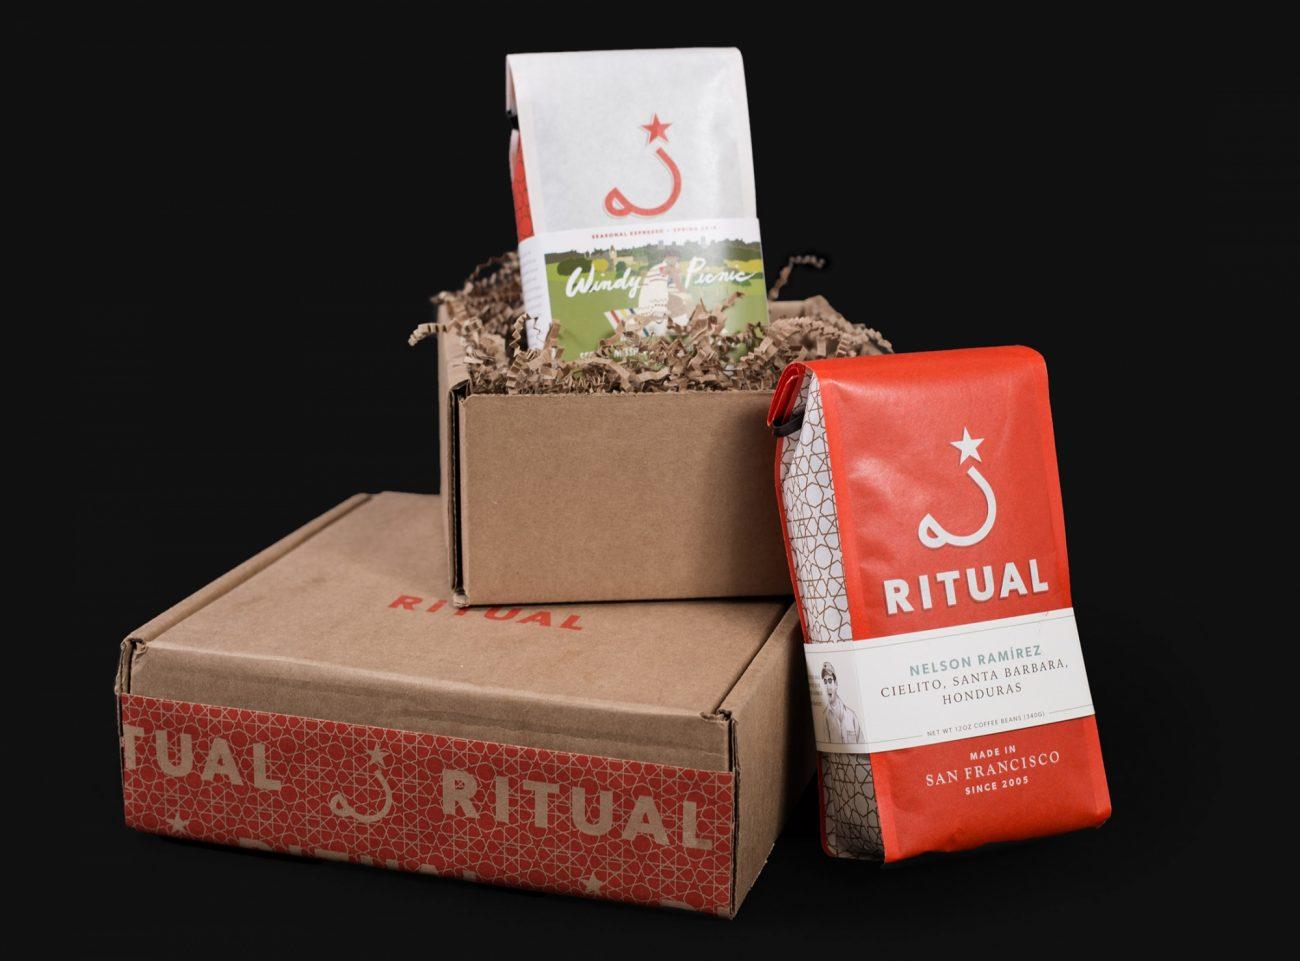 Lumi Giftguide Ritual